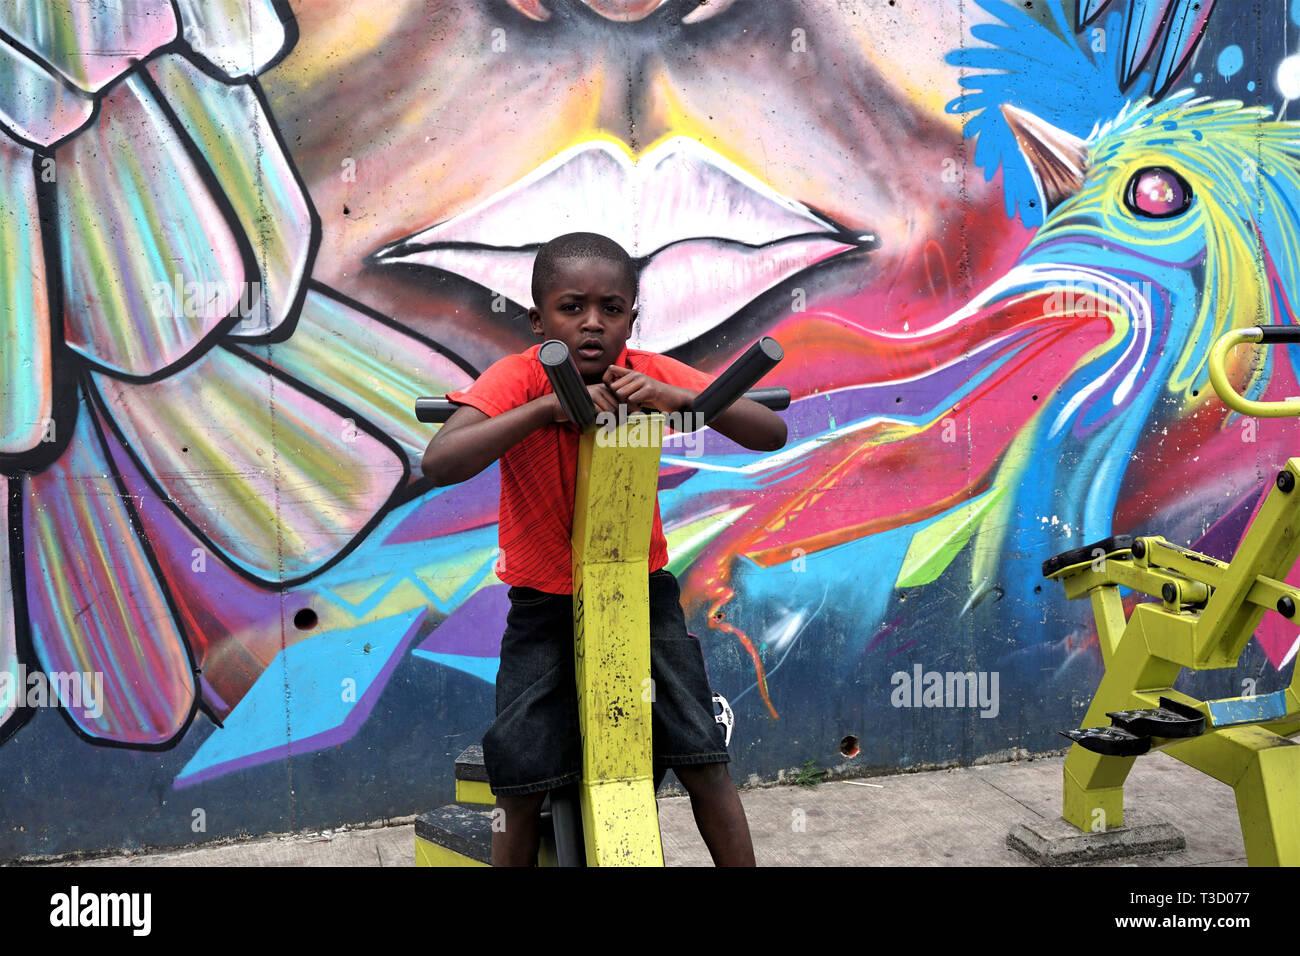 Jeune garçon sur une machine d'exercice en plein air devant une murale colorée dans la Comuna 13, Medellin, Colombie Photo Stock